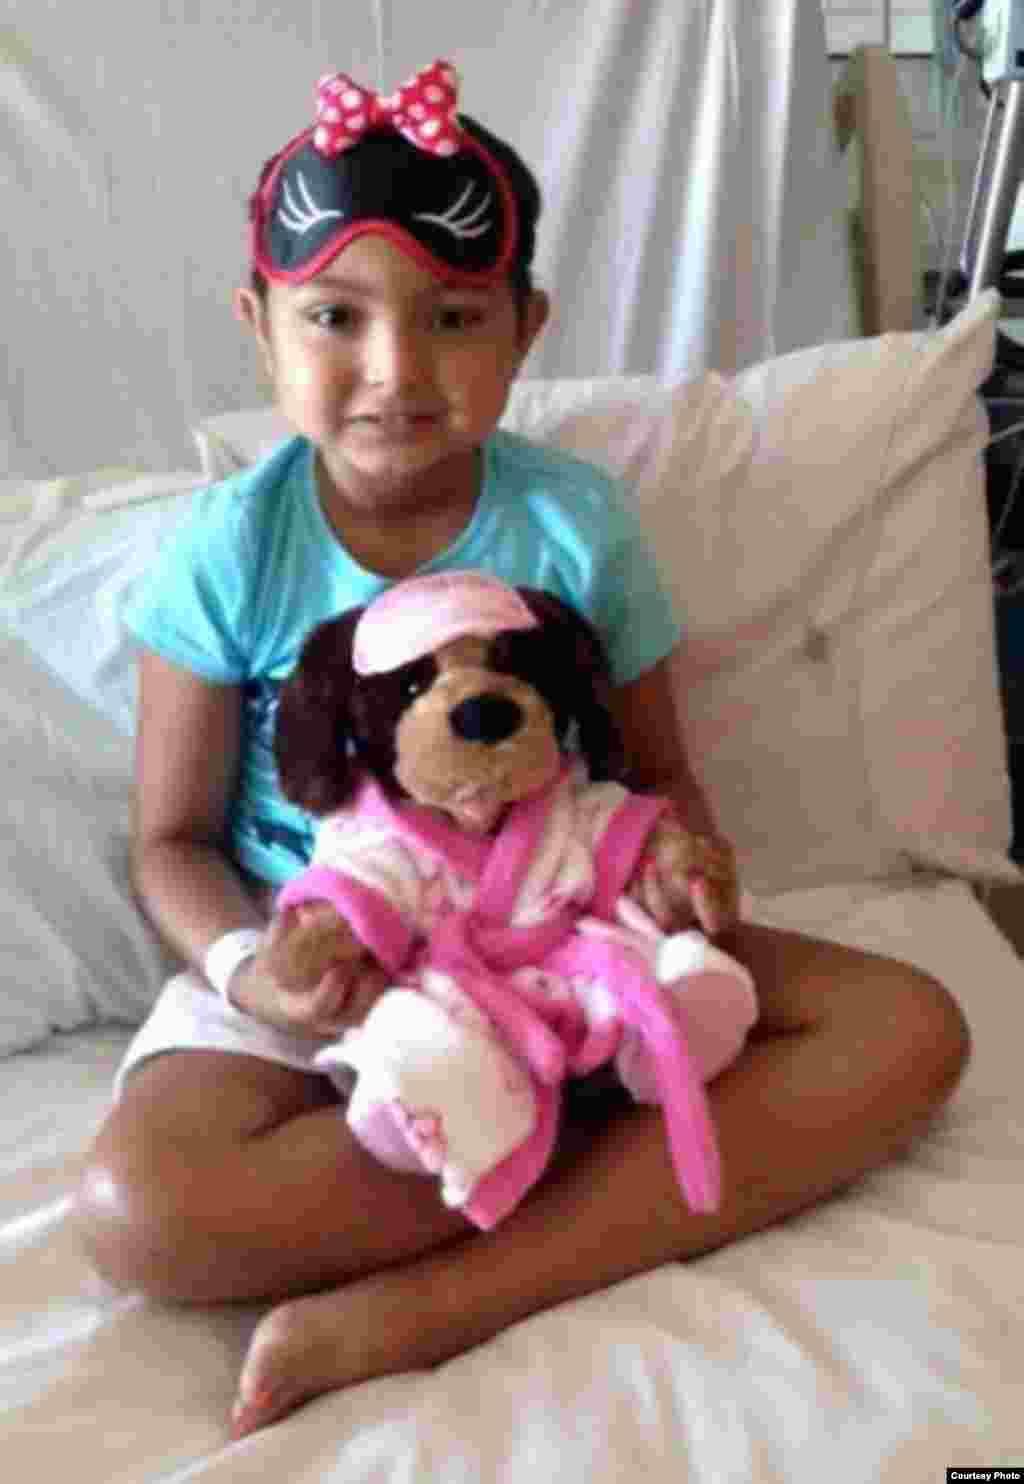 接受凯西礼物的病童 (图片由UCLA提供)